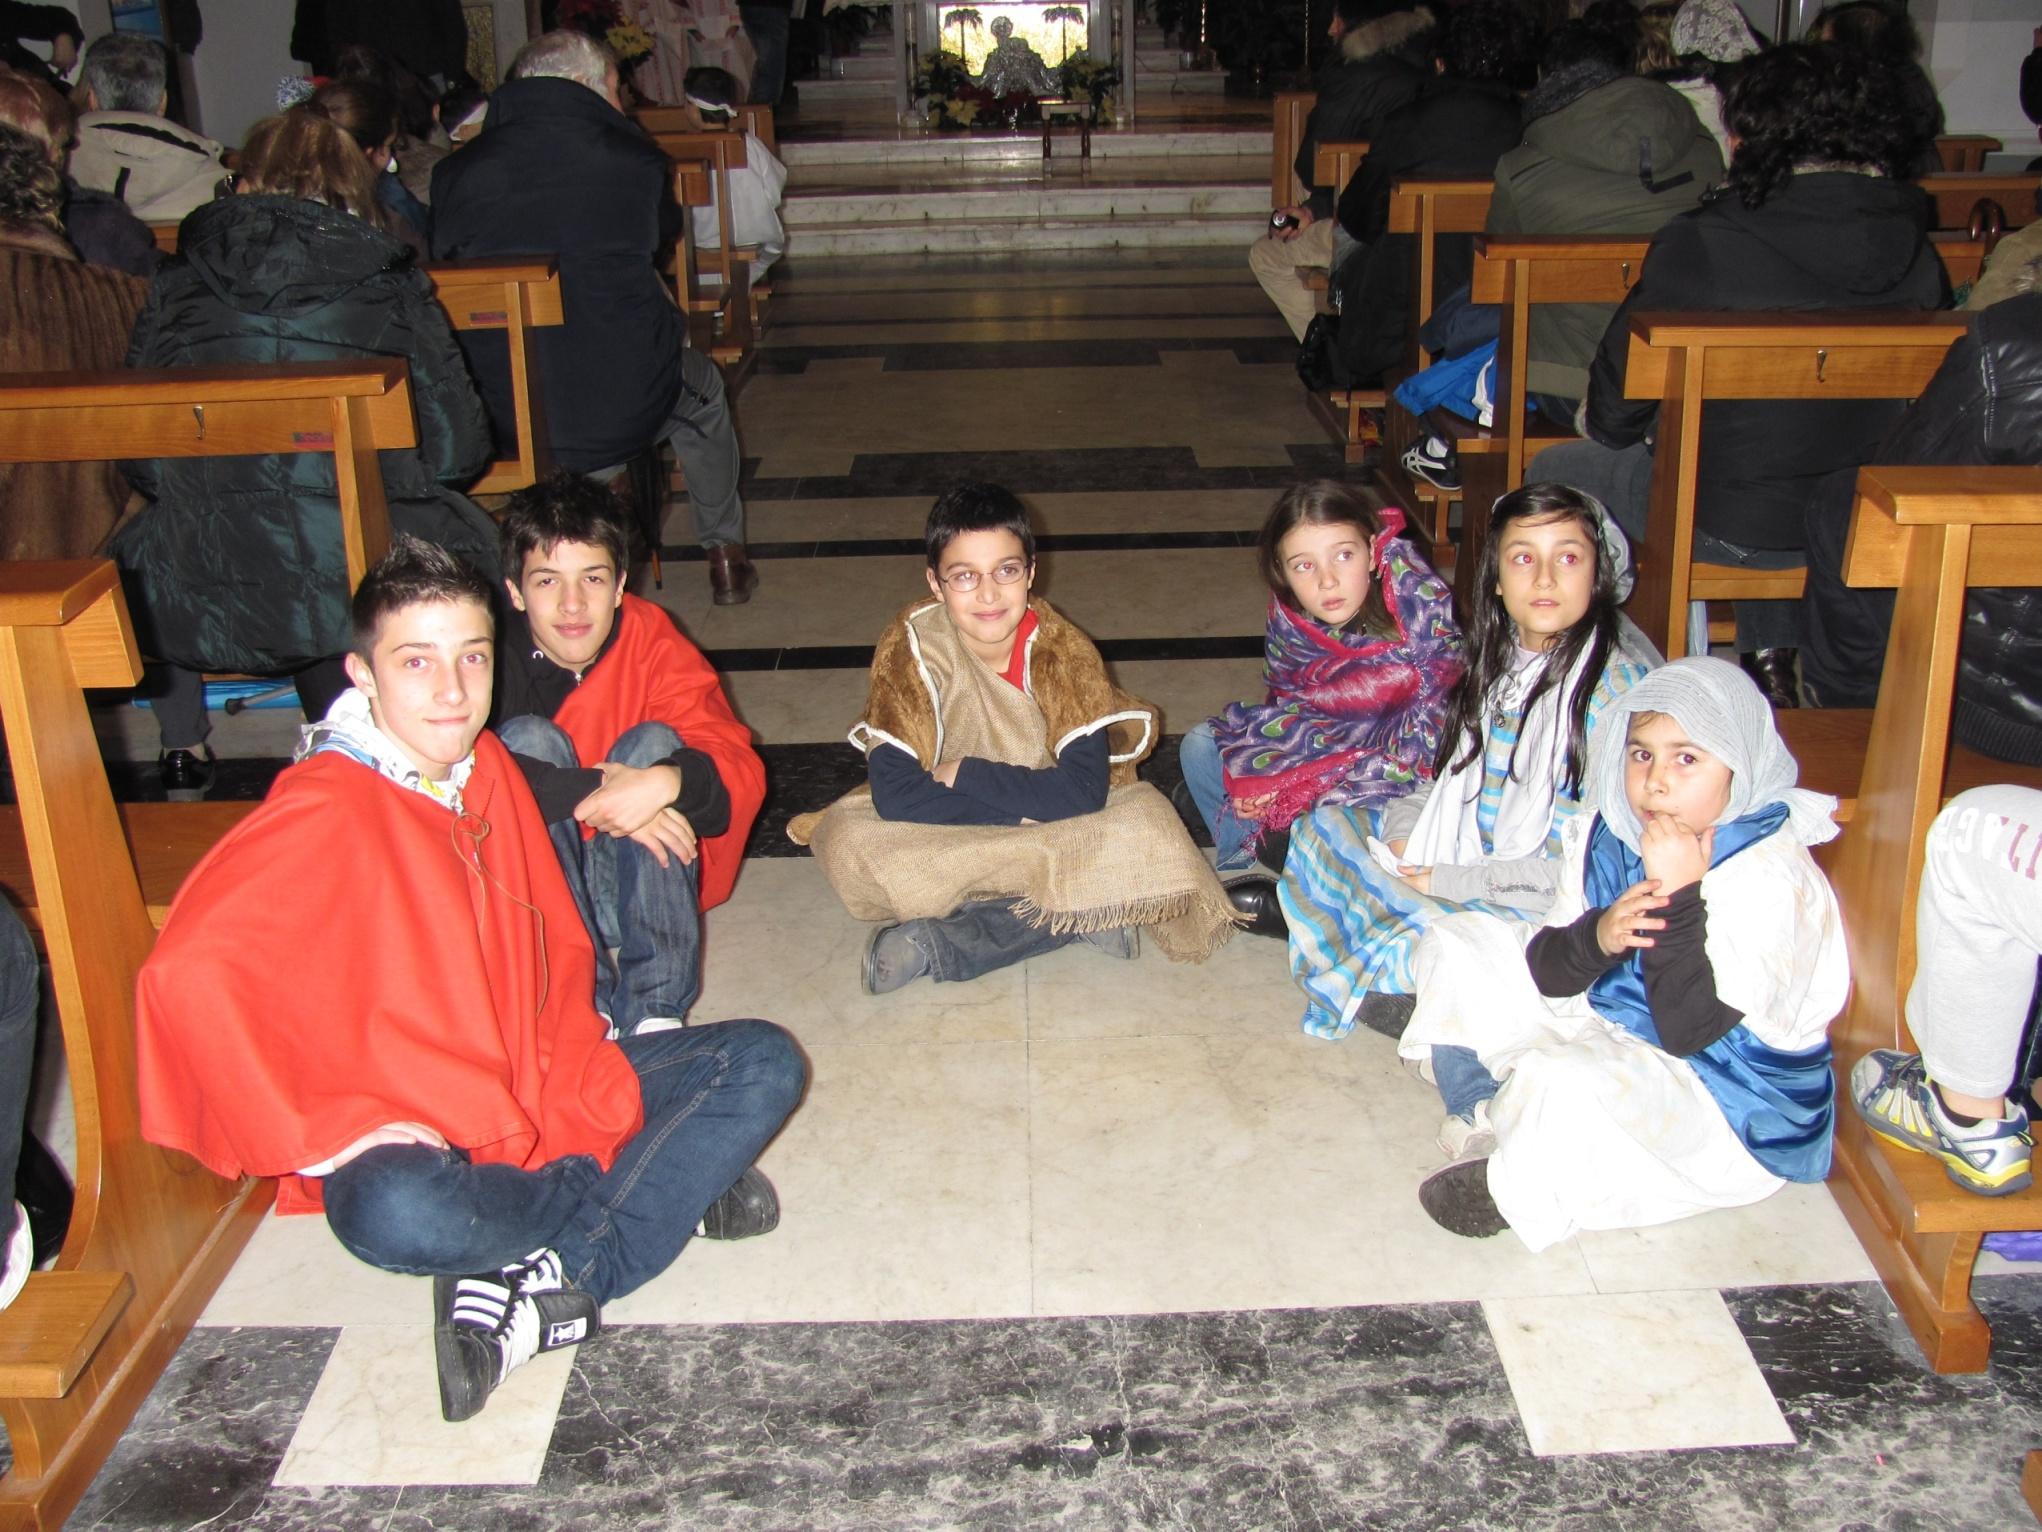 natale_recita_vigilia_2010-12-24-17-19-25